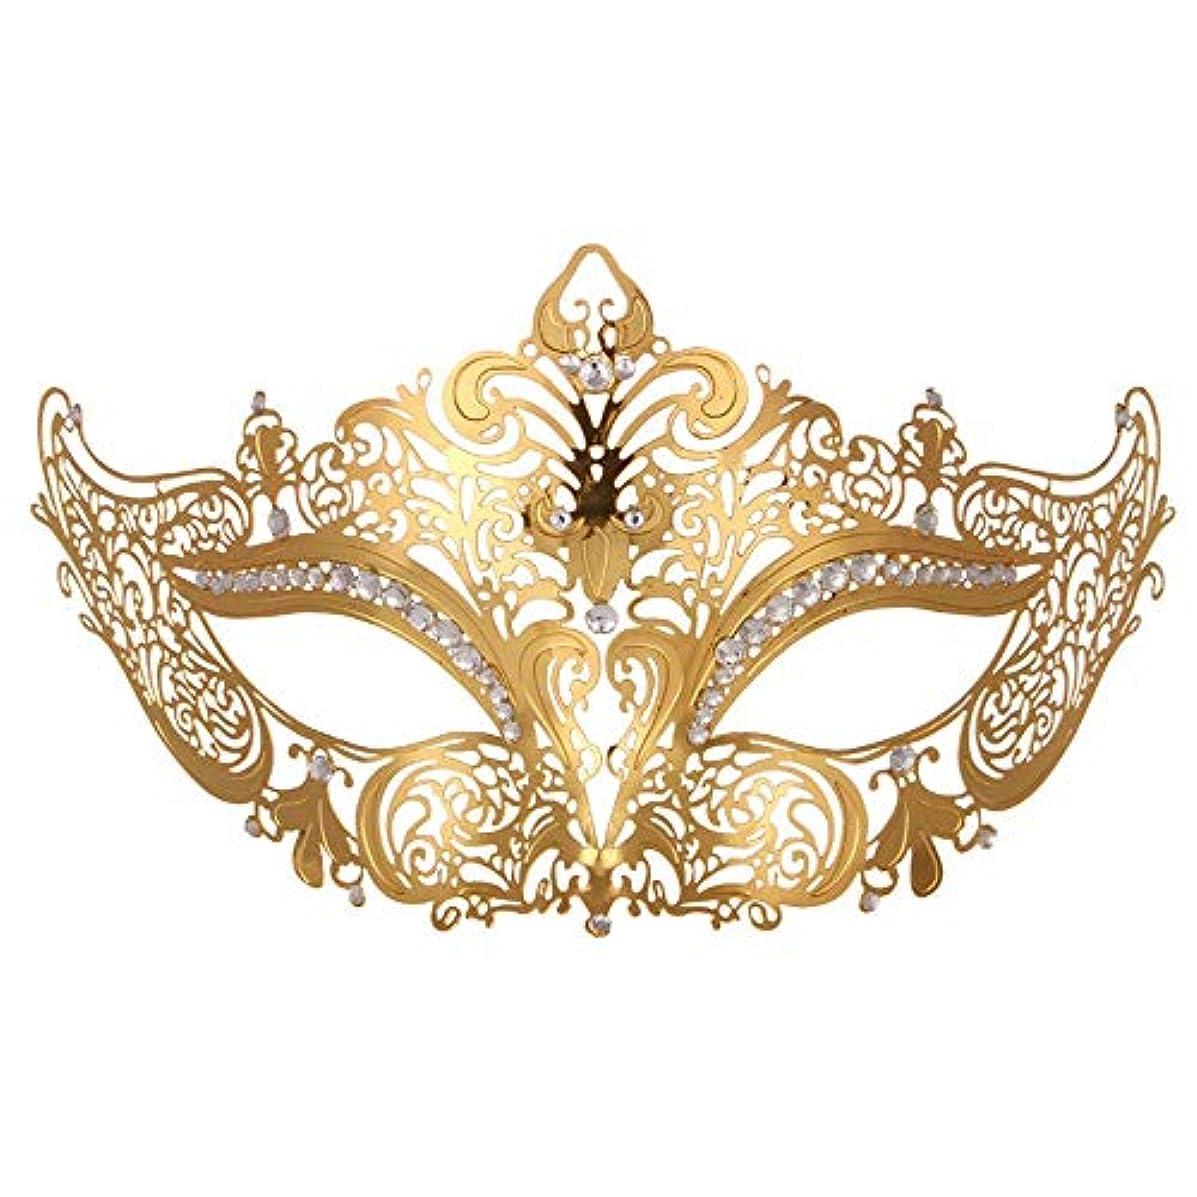 匹敵します観点全くダンスマスク 高級金メッキ銀マスク仮装小道具ロールプレイングナイトクラブパーティーマスク ホリデーパーティー用品 (色 : ゴールド, サイズ : Universal)